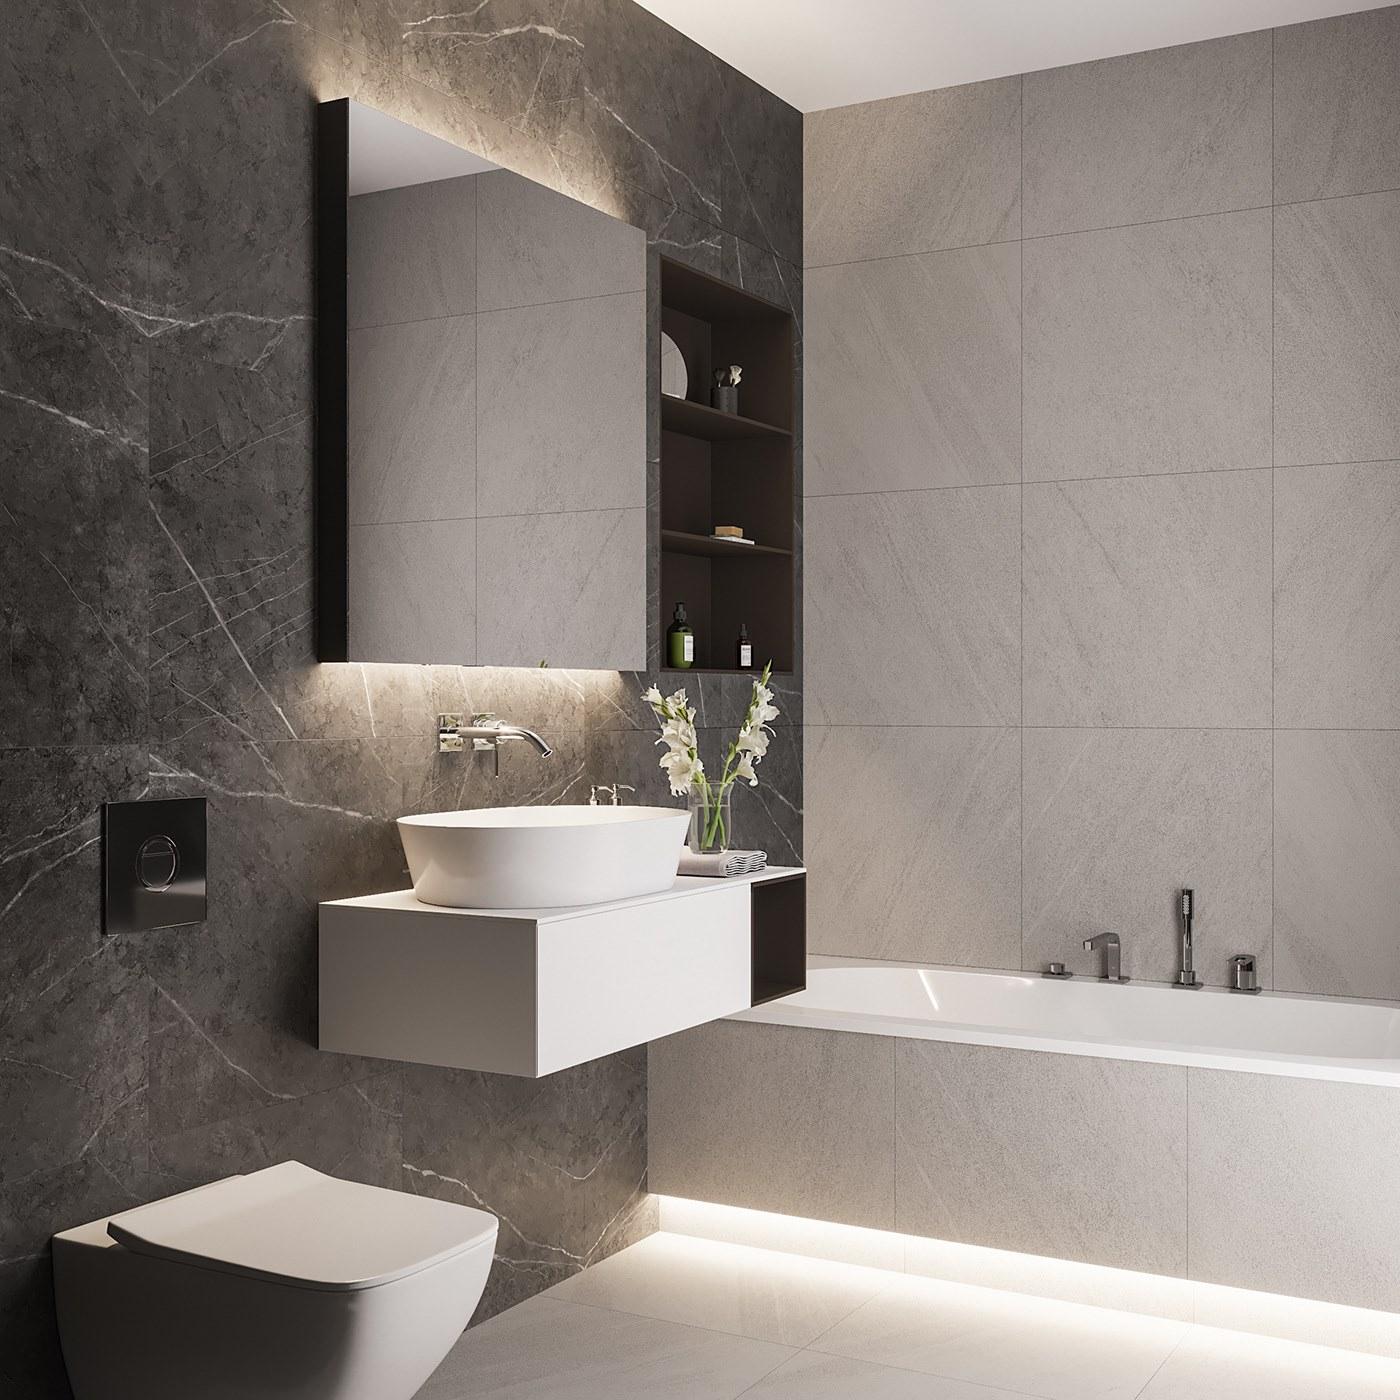 Mẫu thiết kế nội thất chung cư đơn giản